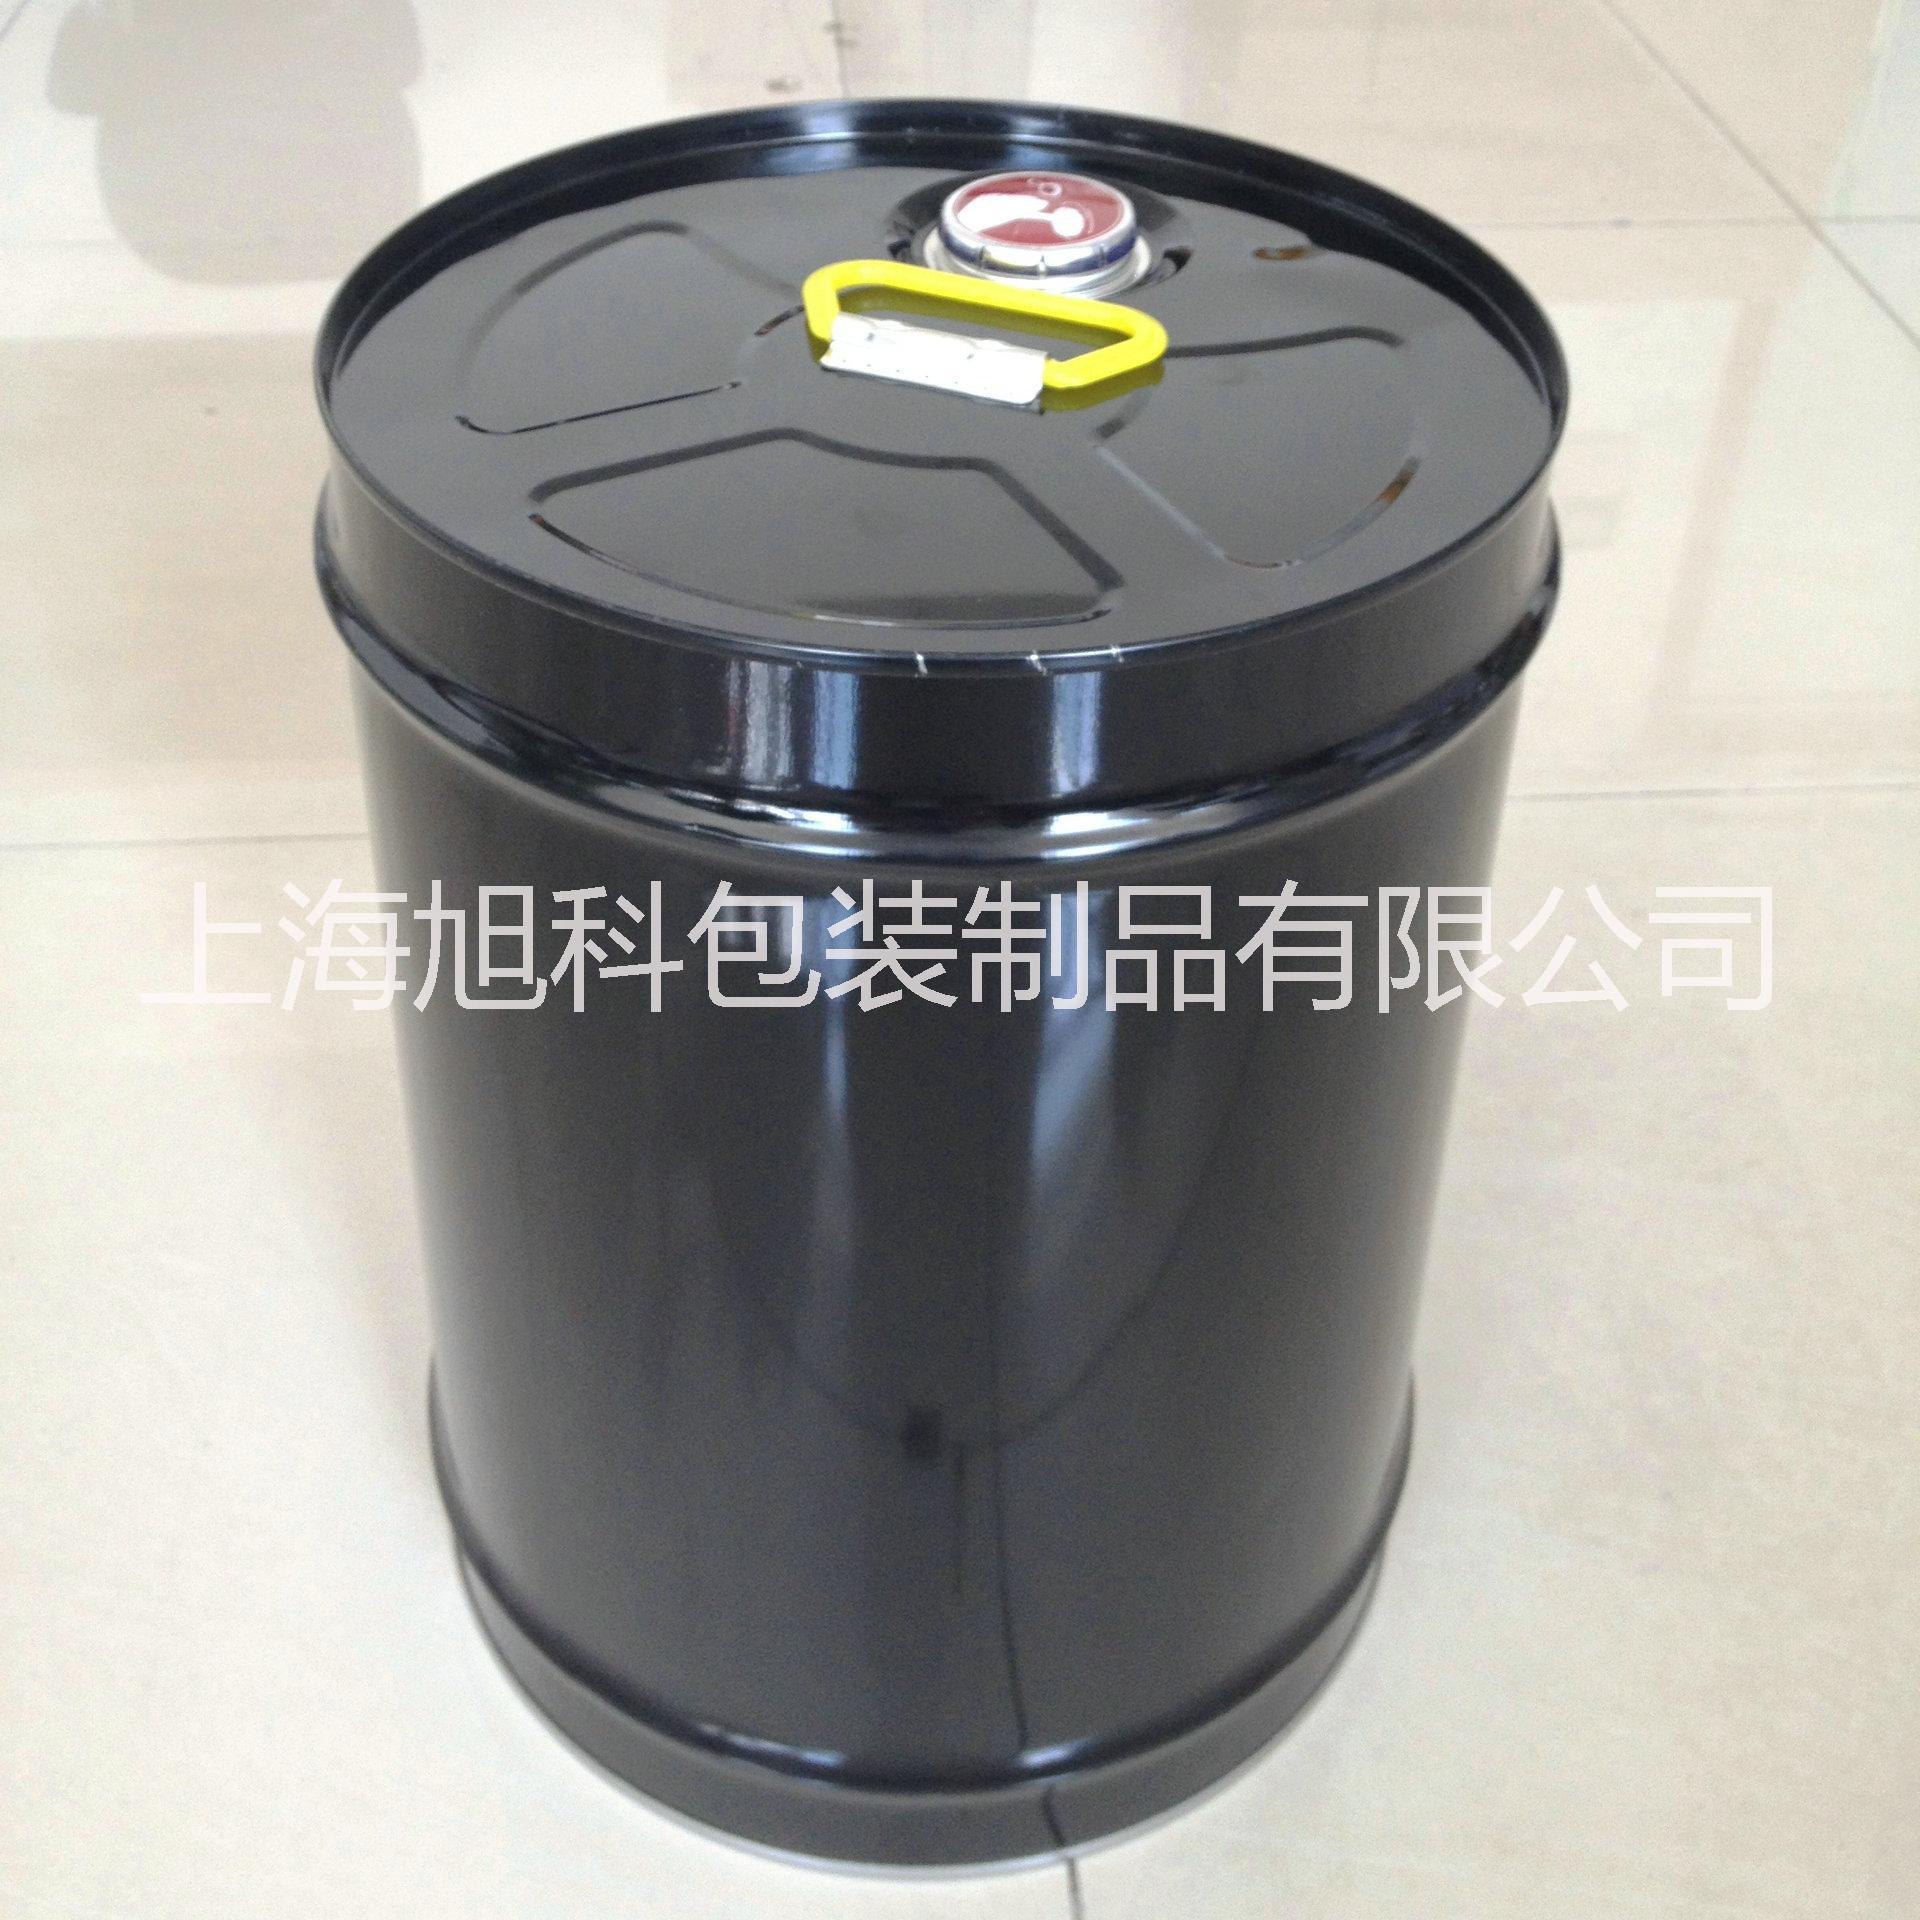 上海旭科20L黑色闭口溶剂桶马口铁彩印化工桶20kg铁桶